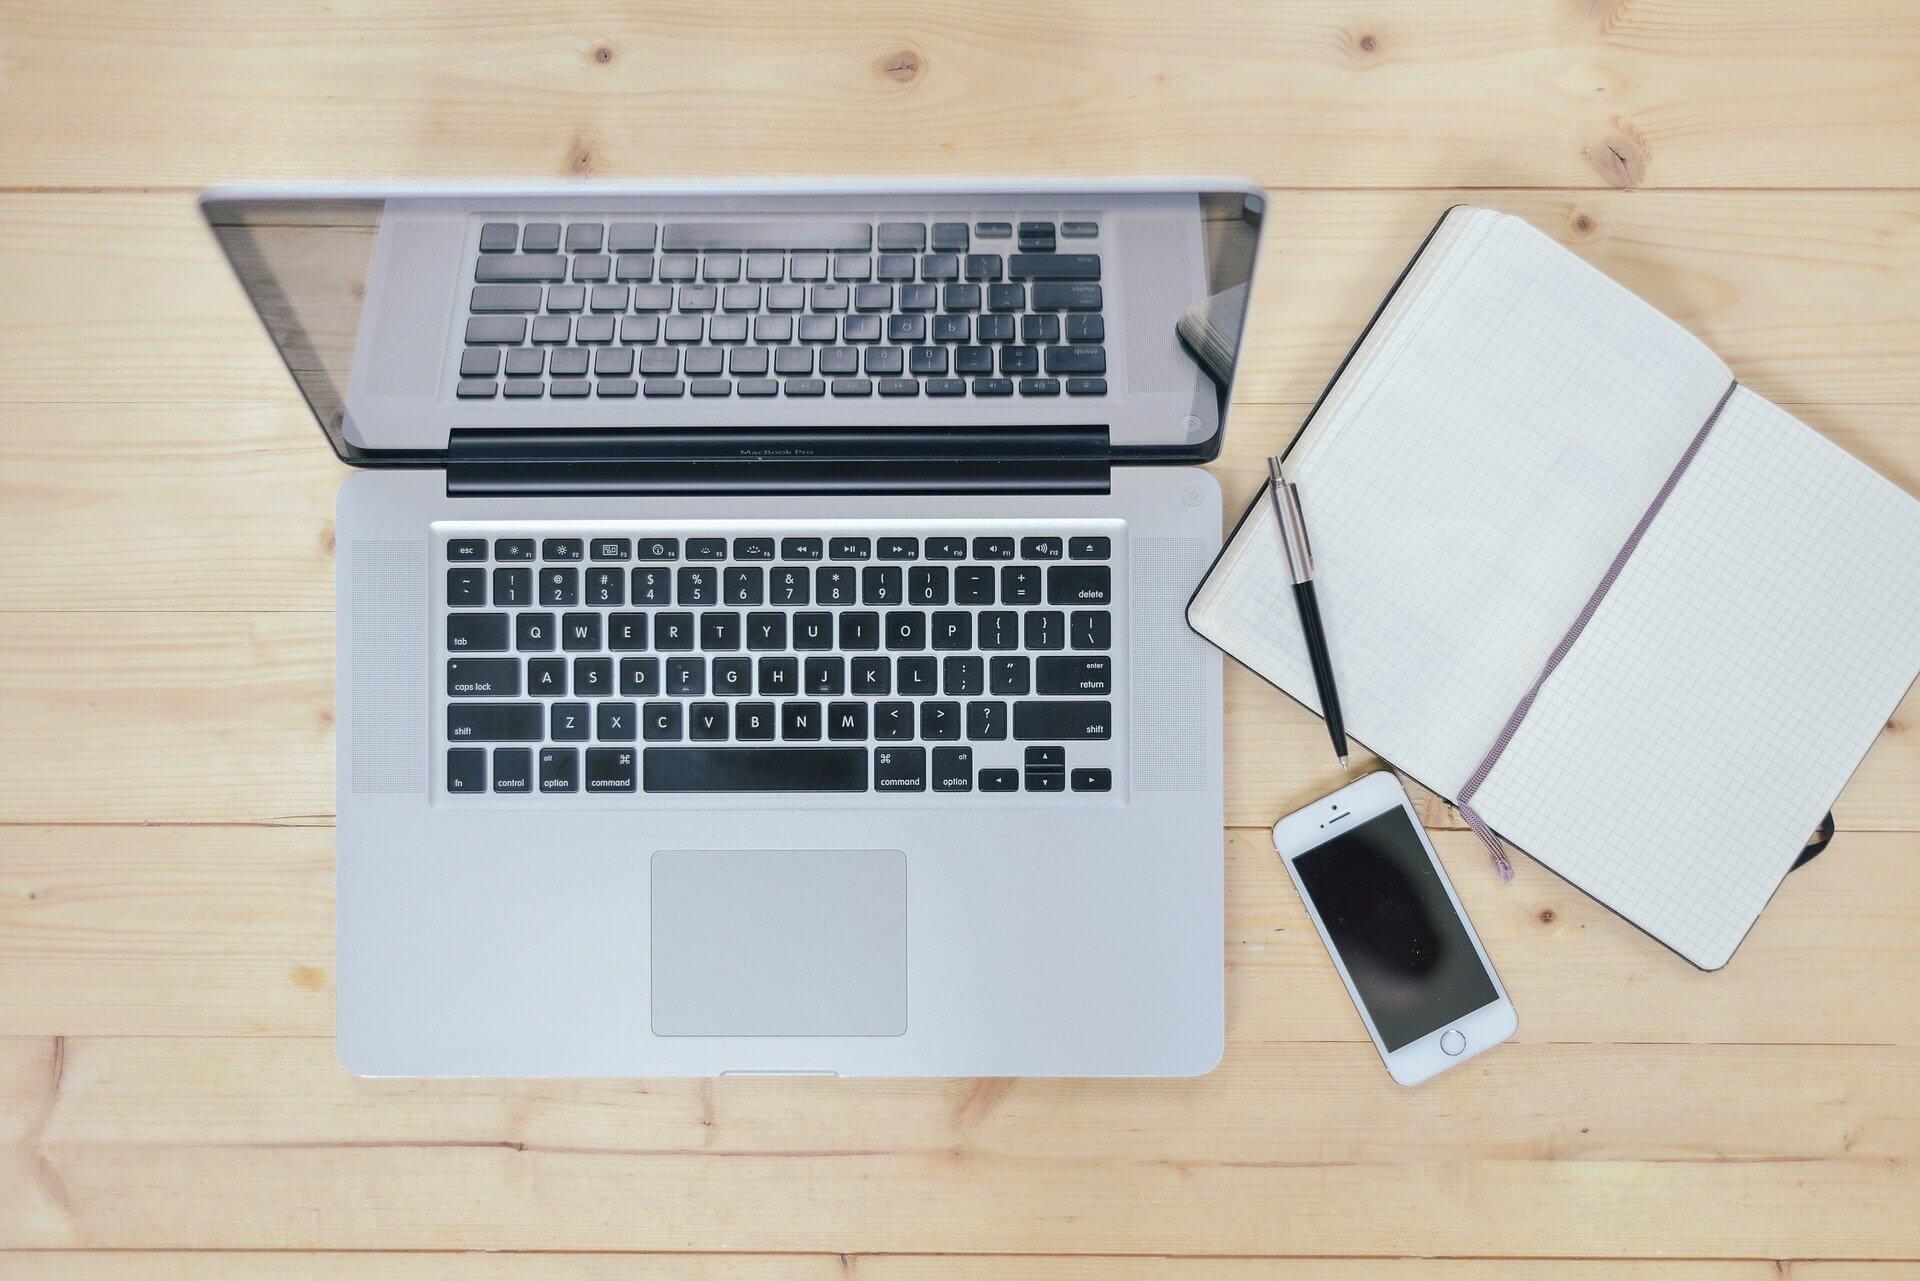 ブログを書く際に役立つショートカットキー